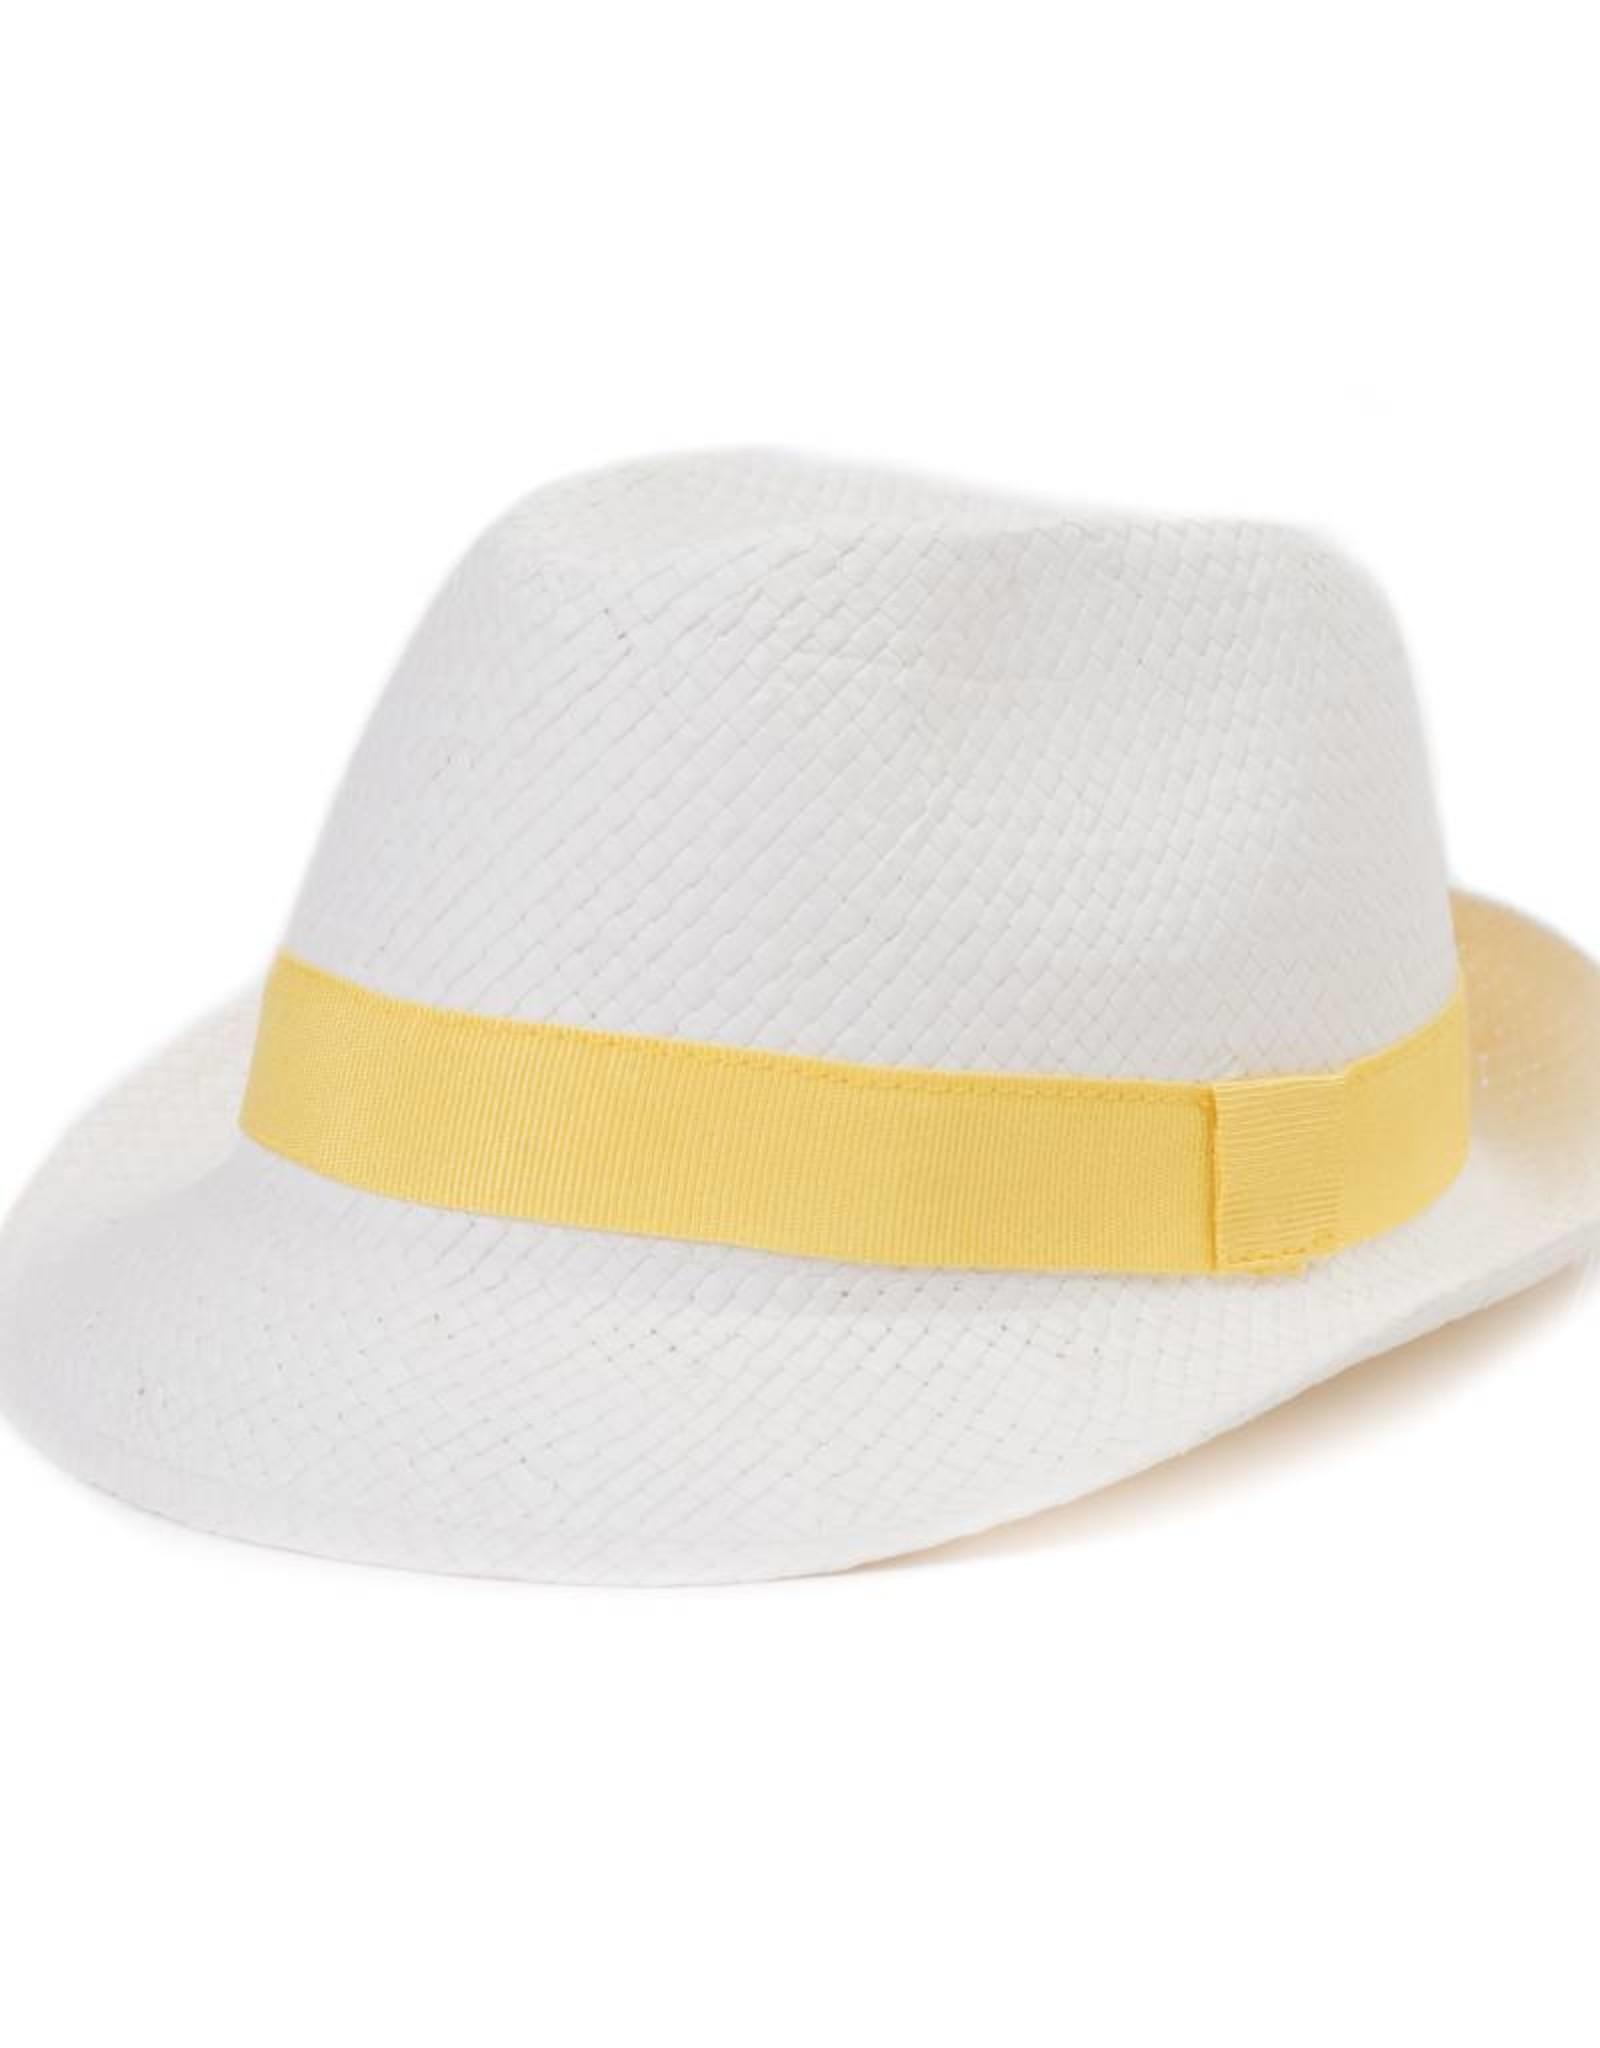 Gros grain Hat